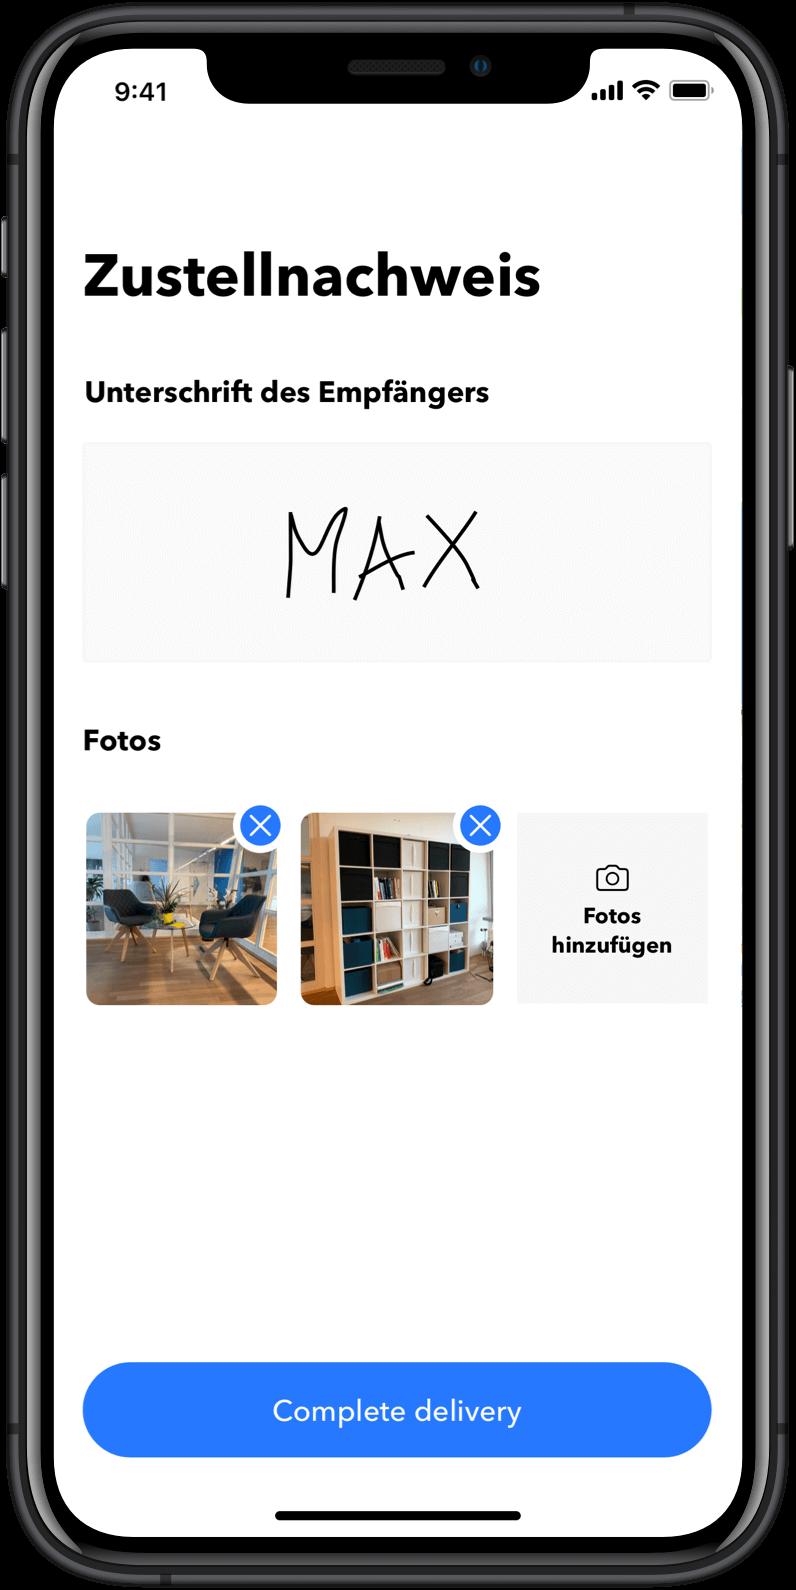 Lieferflotten-App: Zustellnachweis